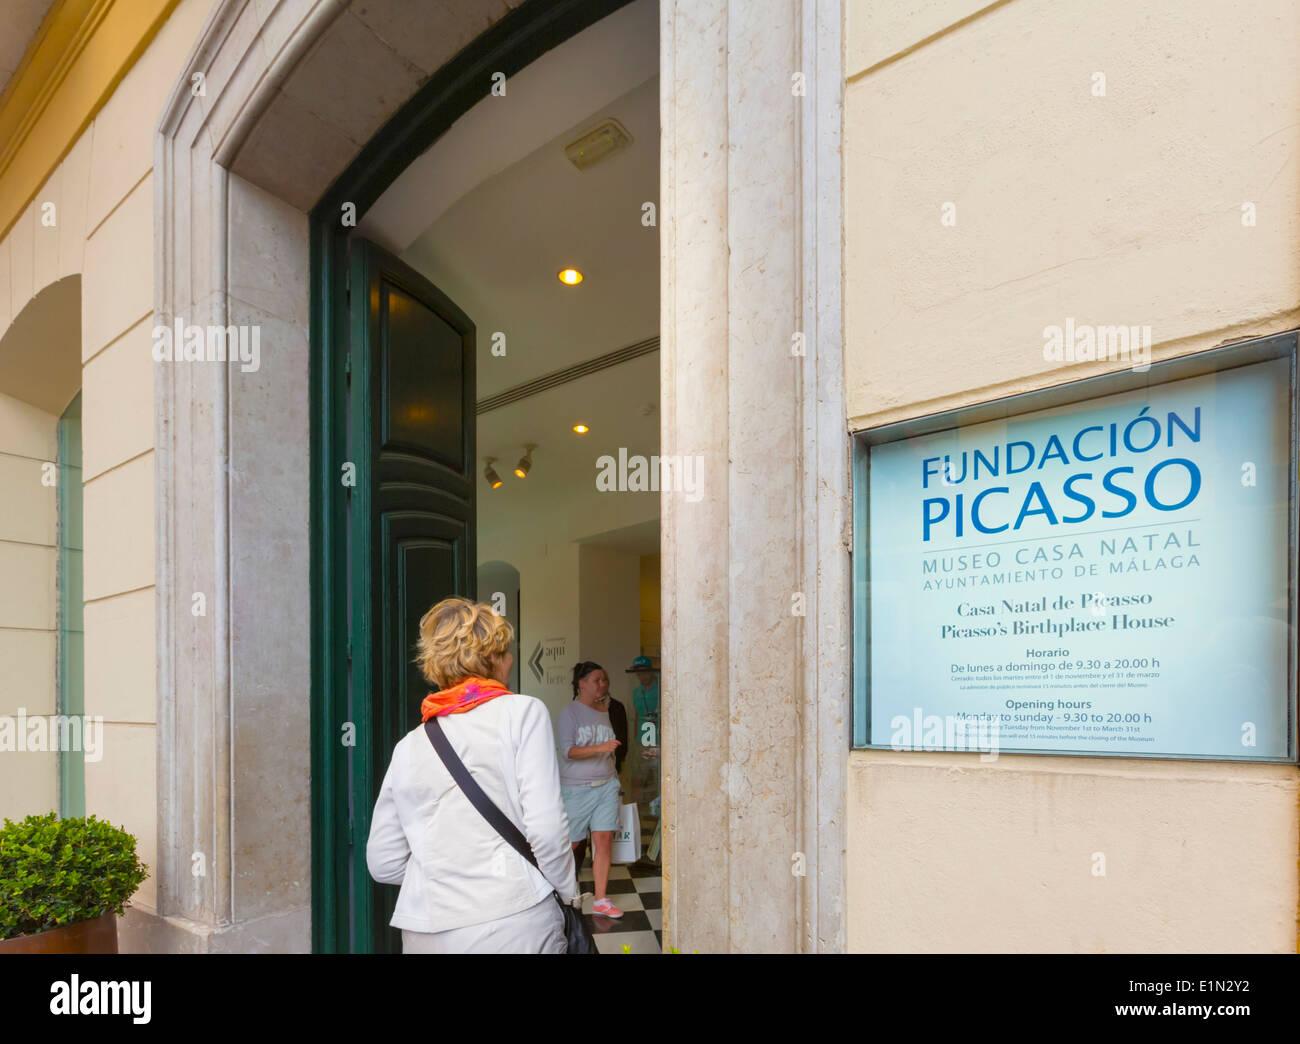 Malaga, Malaga Province, Costa del Sol, Andalusia, southern Spain. Picasso Foundation in Plaza de la Merced. Fundación Picasso. - Stock Image